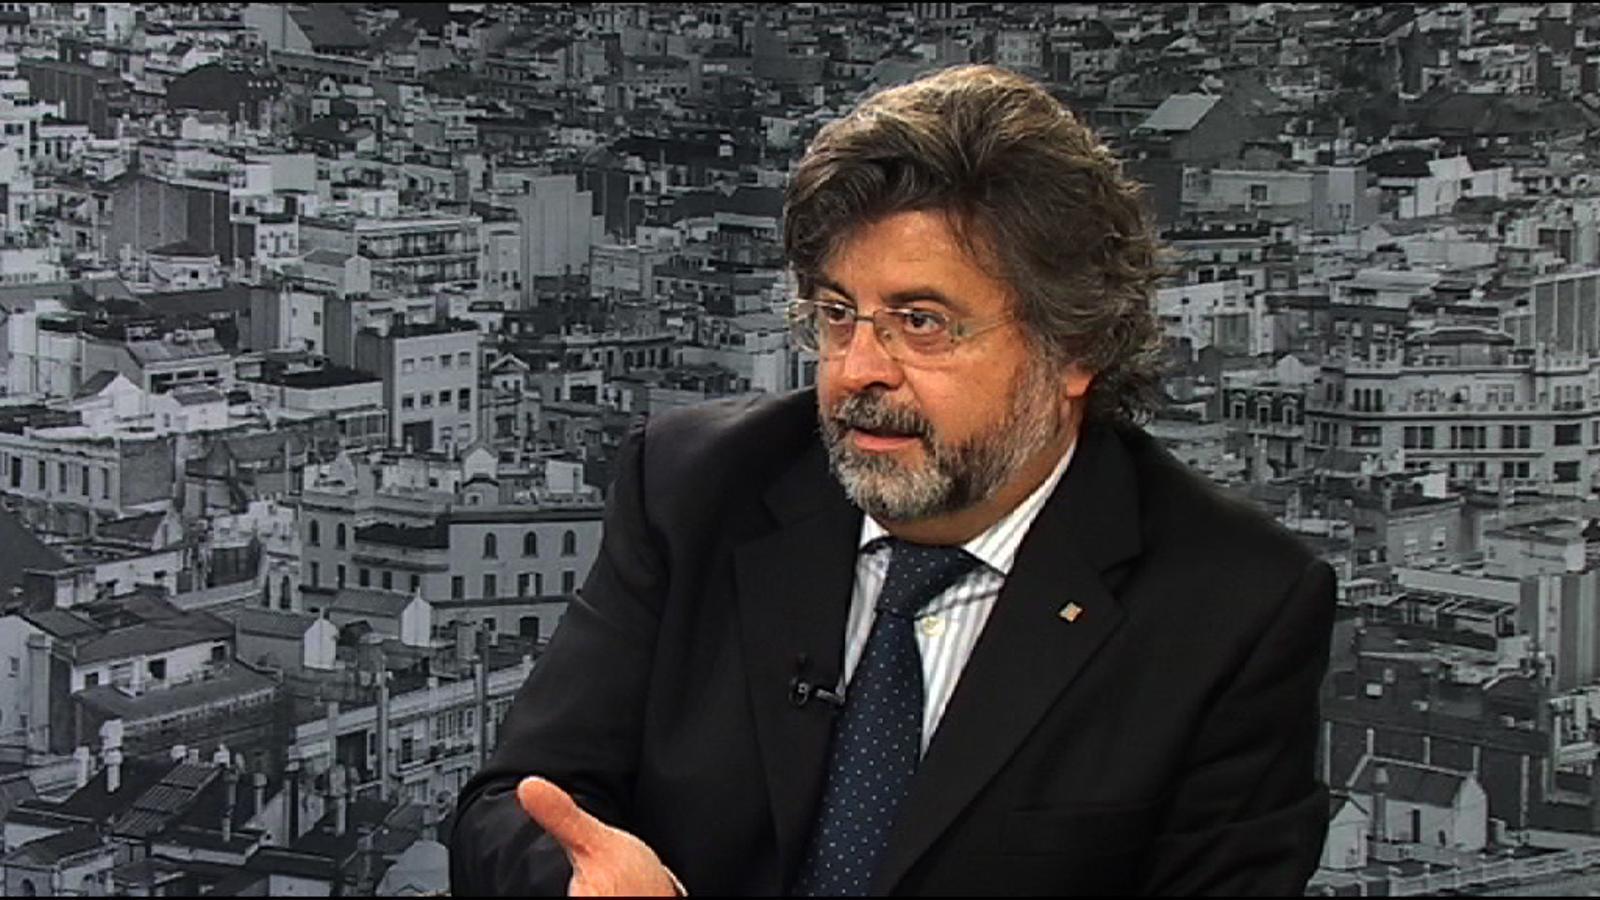 Antoni Castellà: Estic decebut amb la pregunta, aquest 27-S les paperetes del 9-N estaran substituïdes pels partits